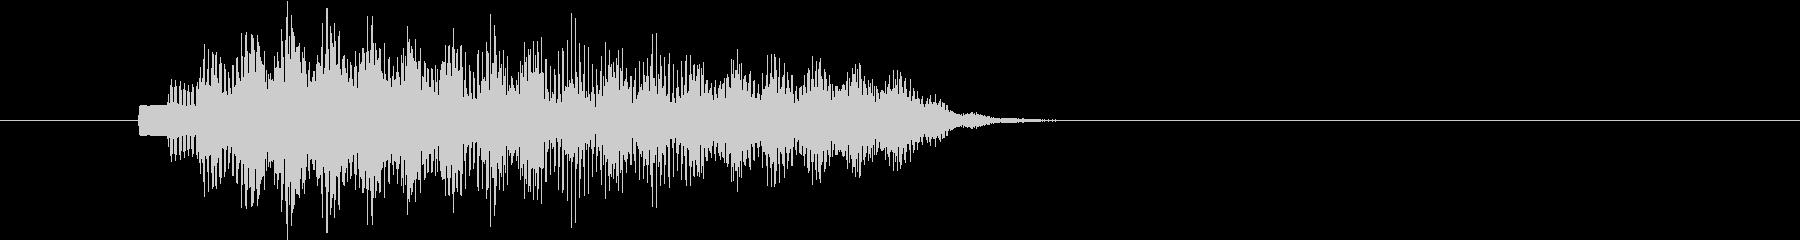 ひらめき、輝き、ときめき、を連想させる音の未再生の波形